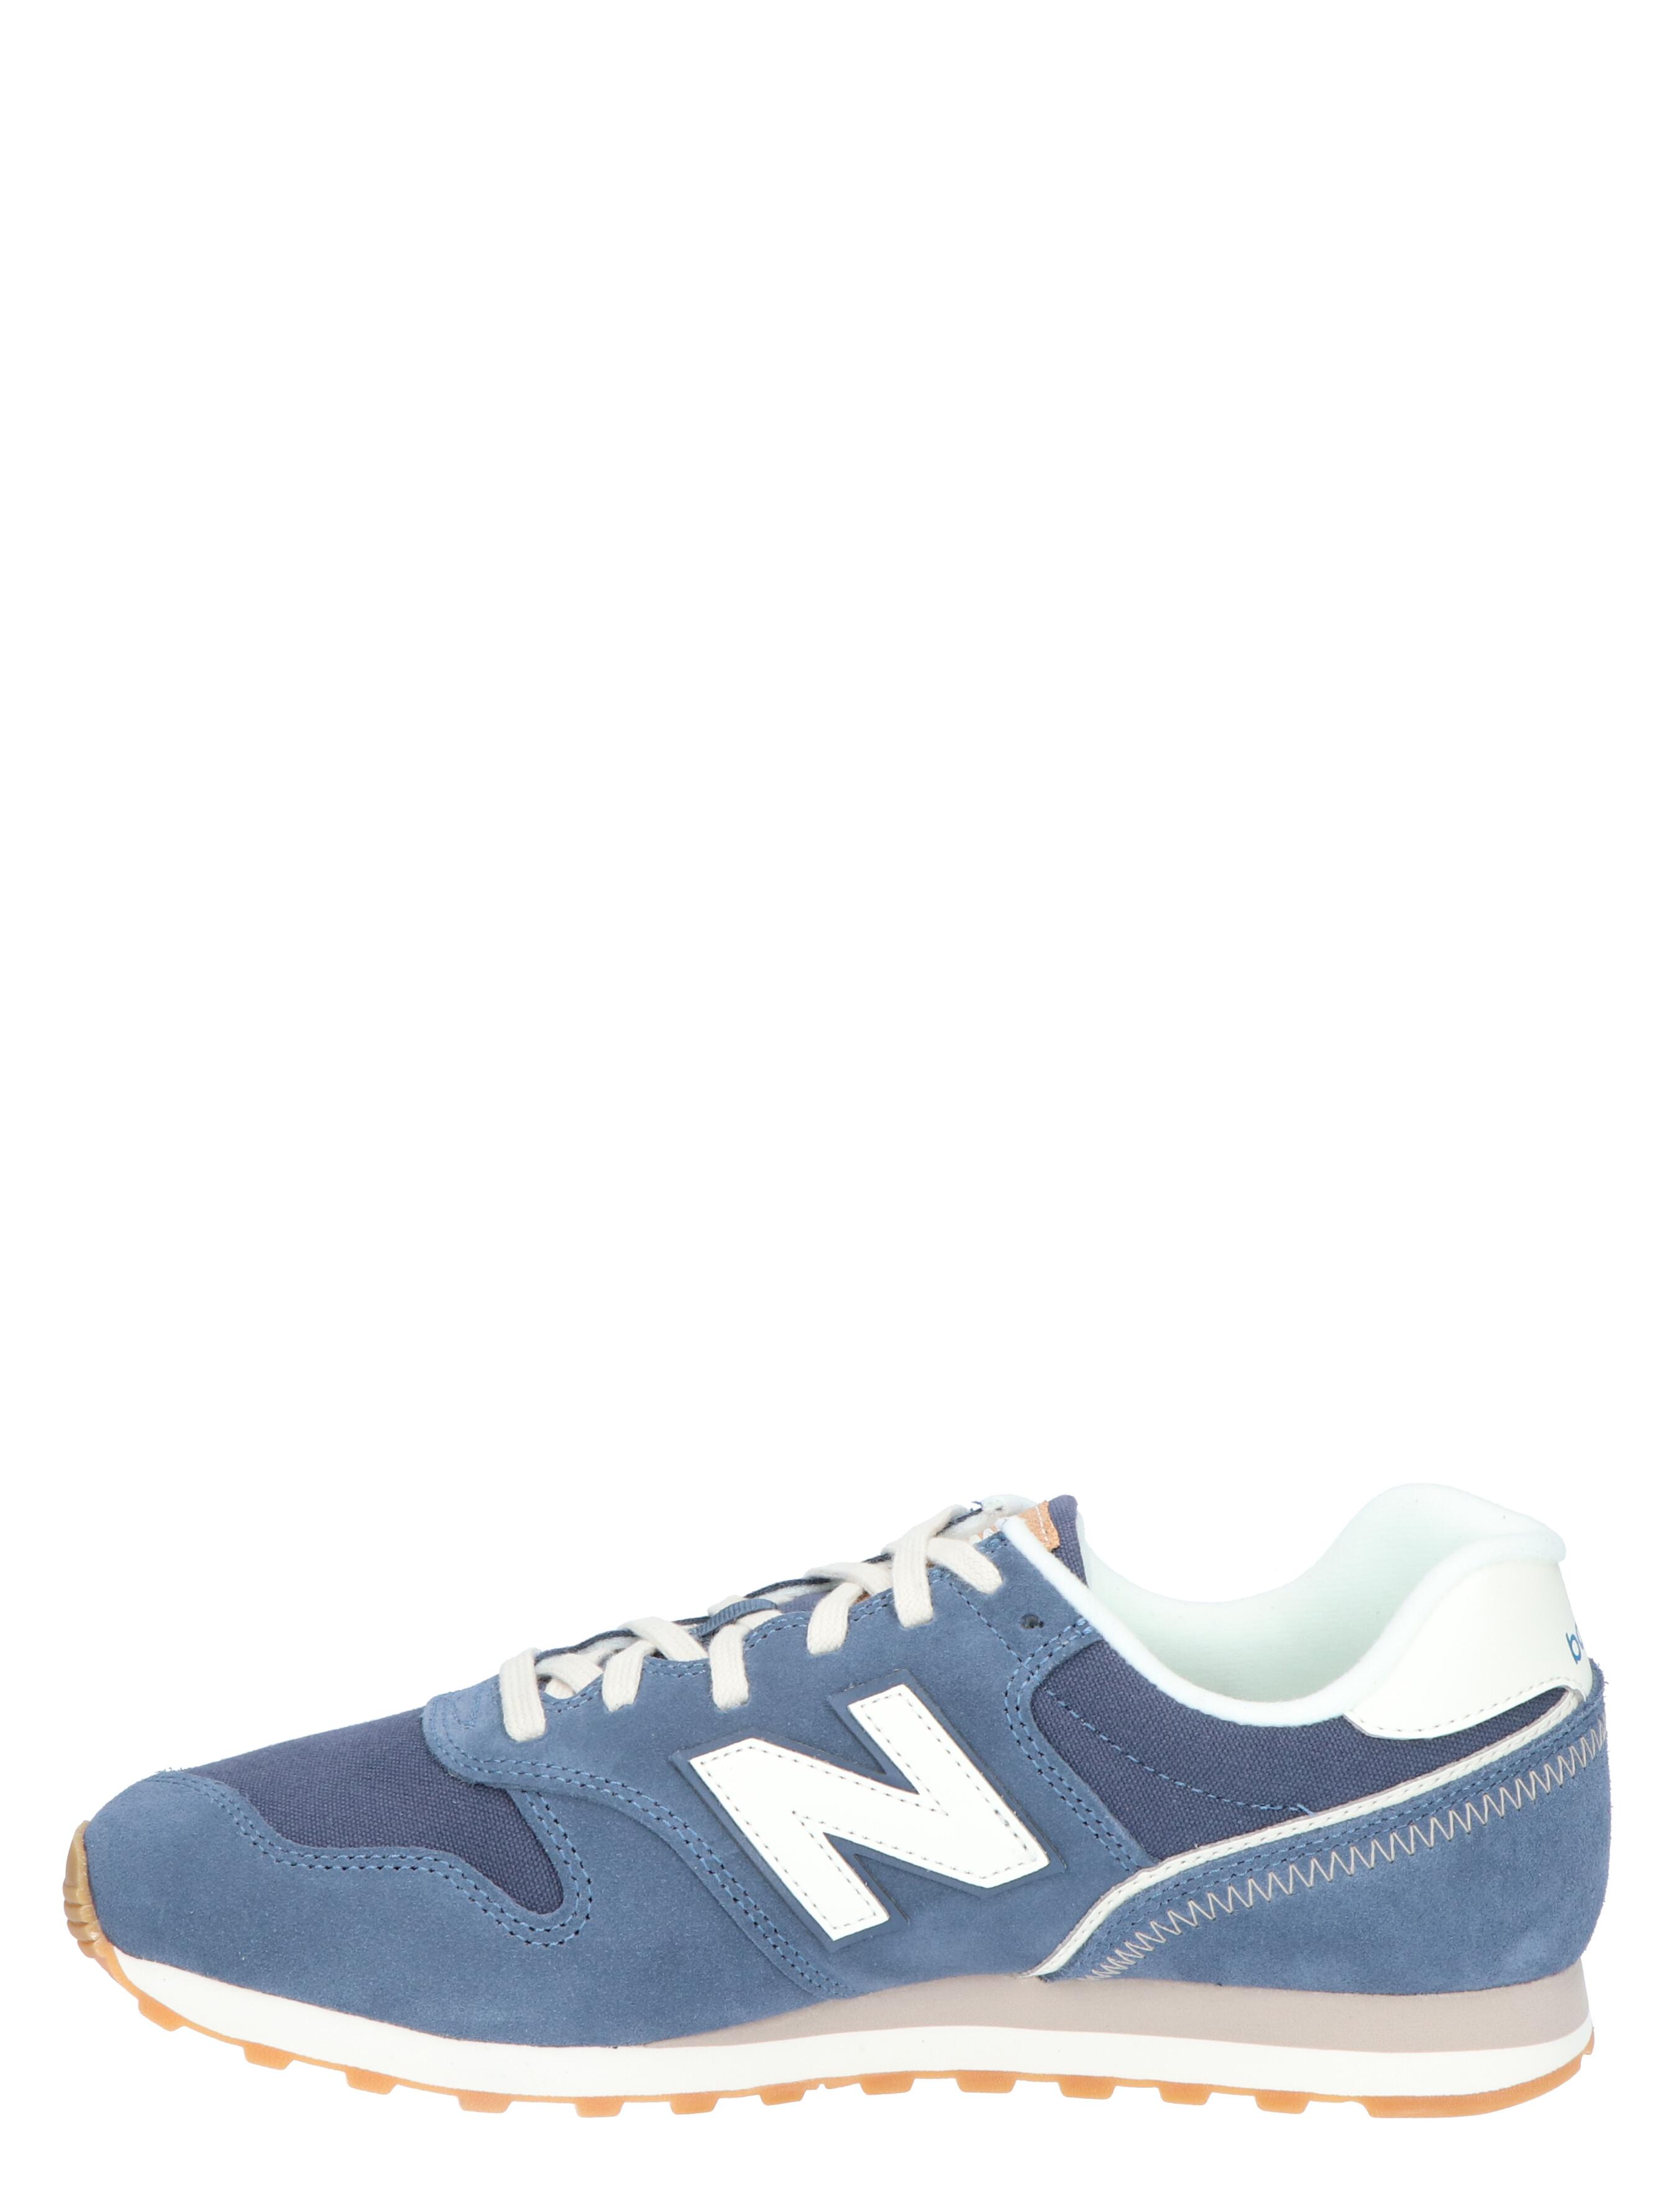 New Balance ML 373 SN2 Sneakers